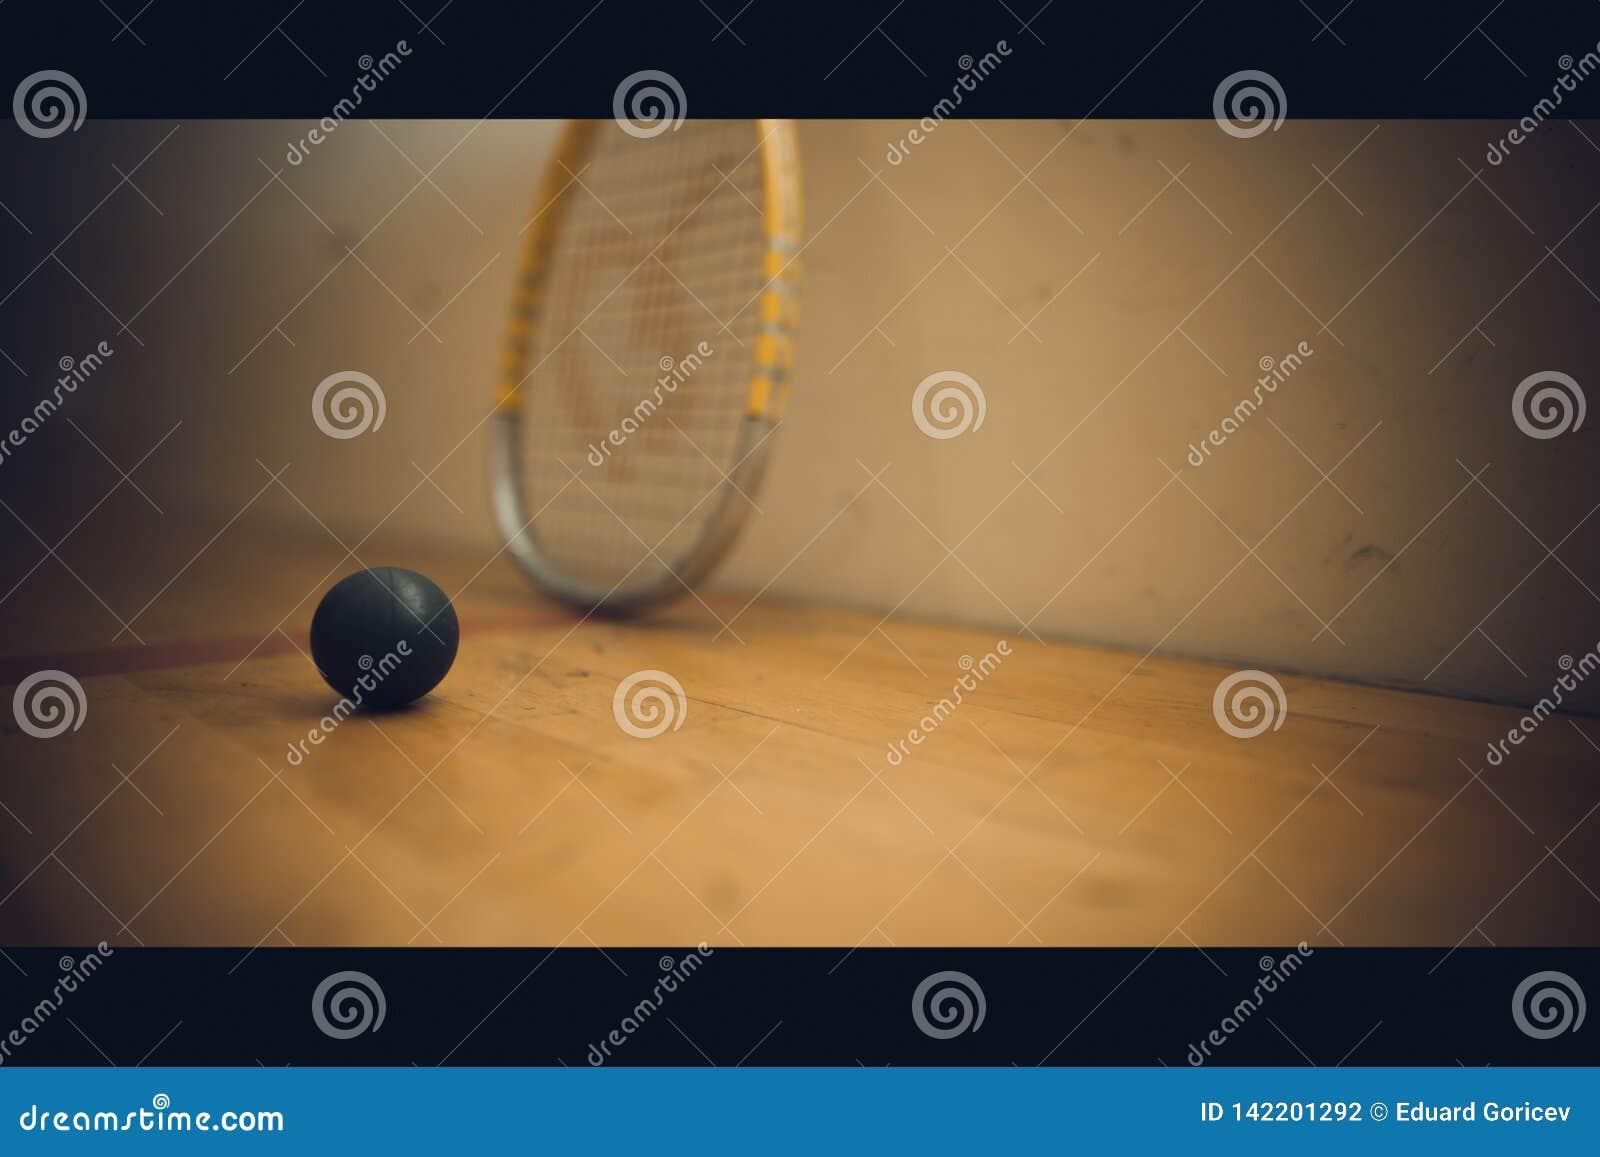 Шарик сквоша на суде с ракеткой сквоша готовой для игры